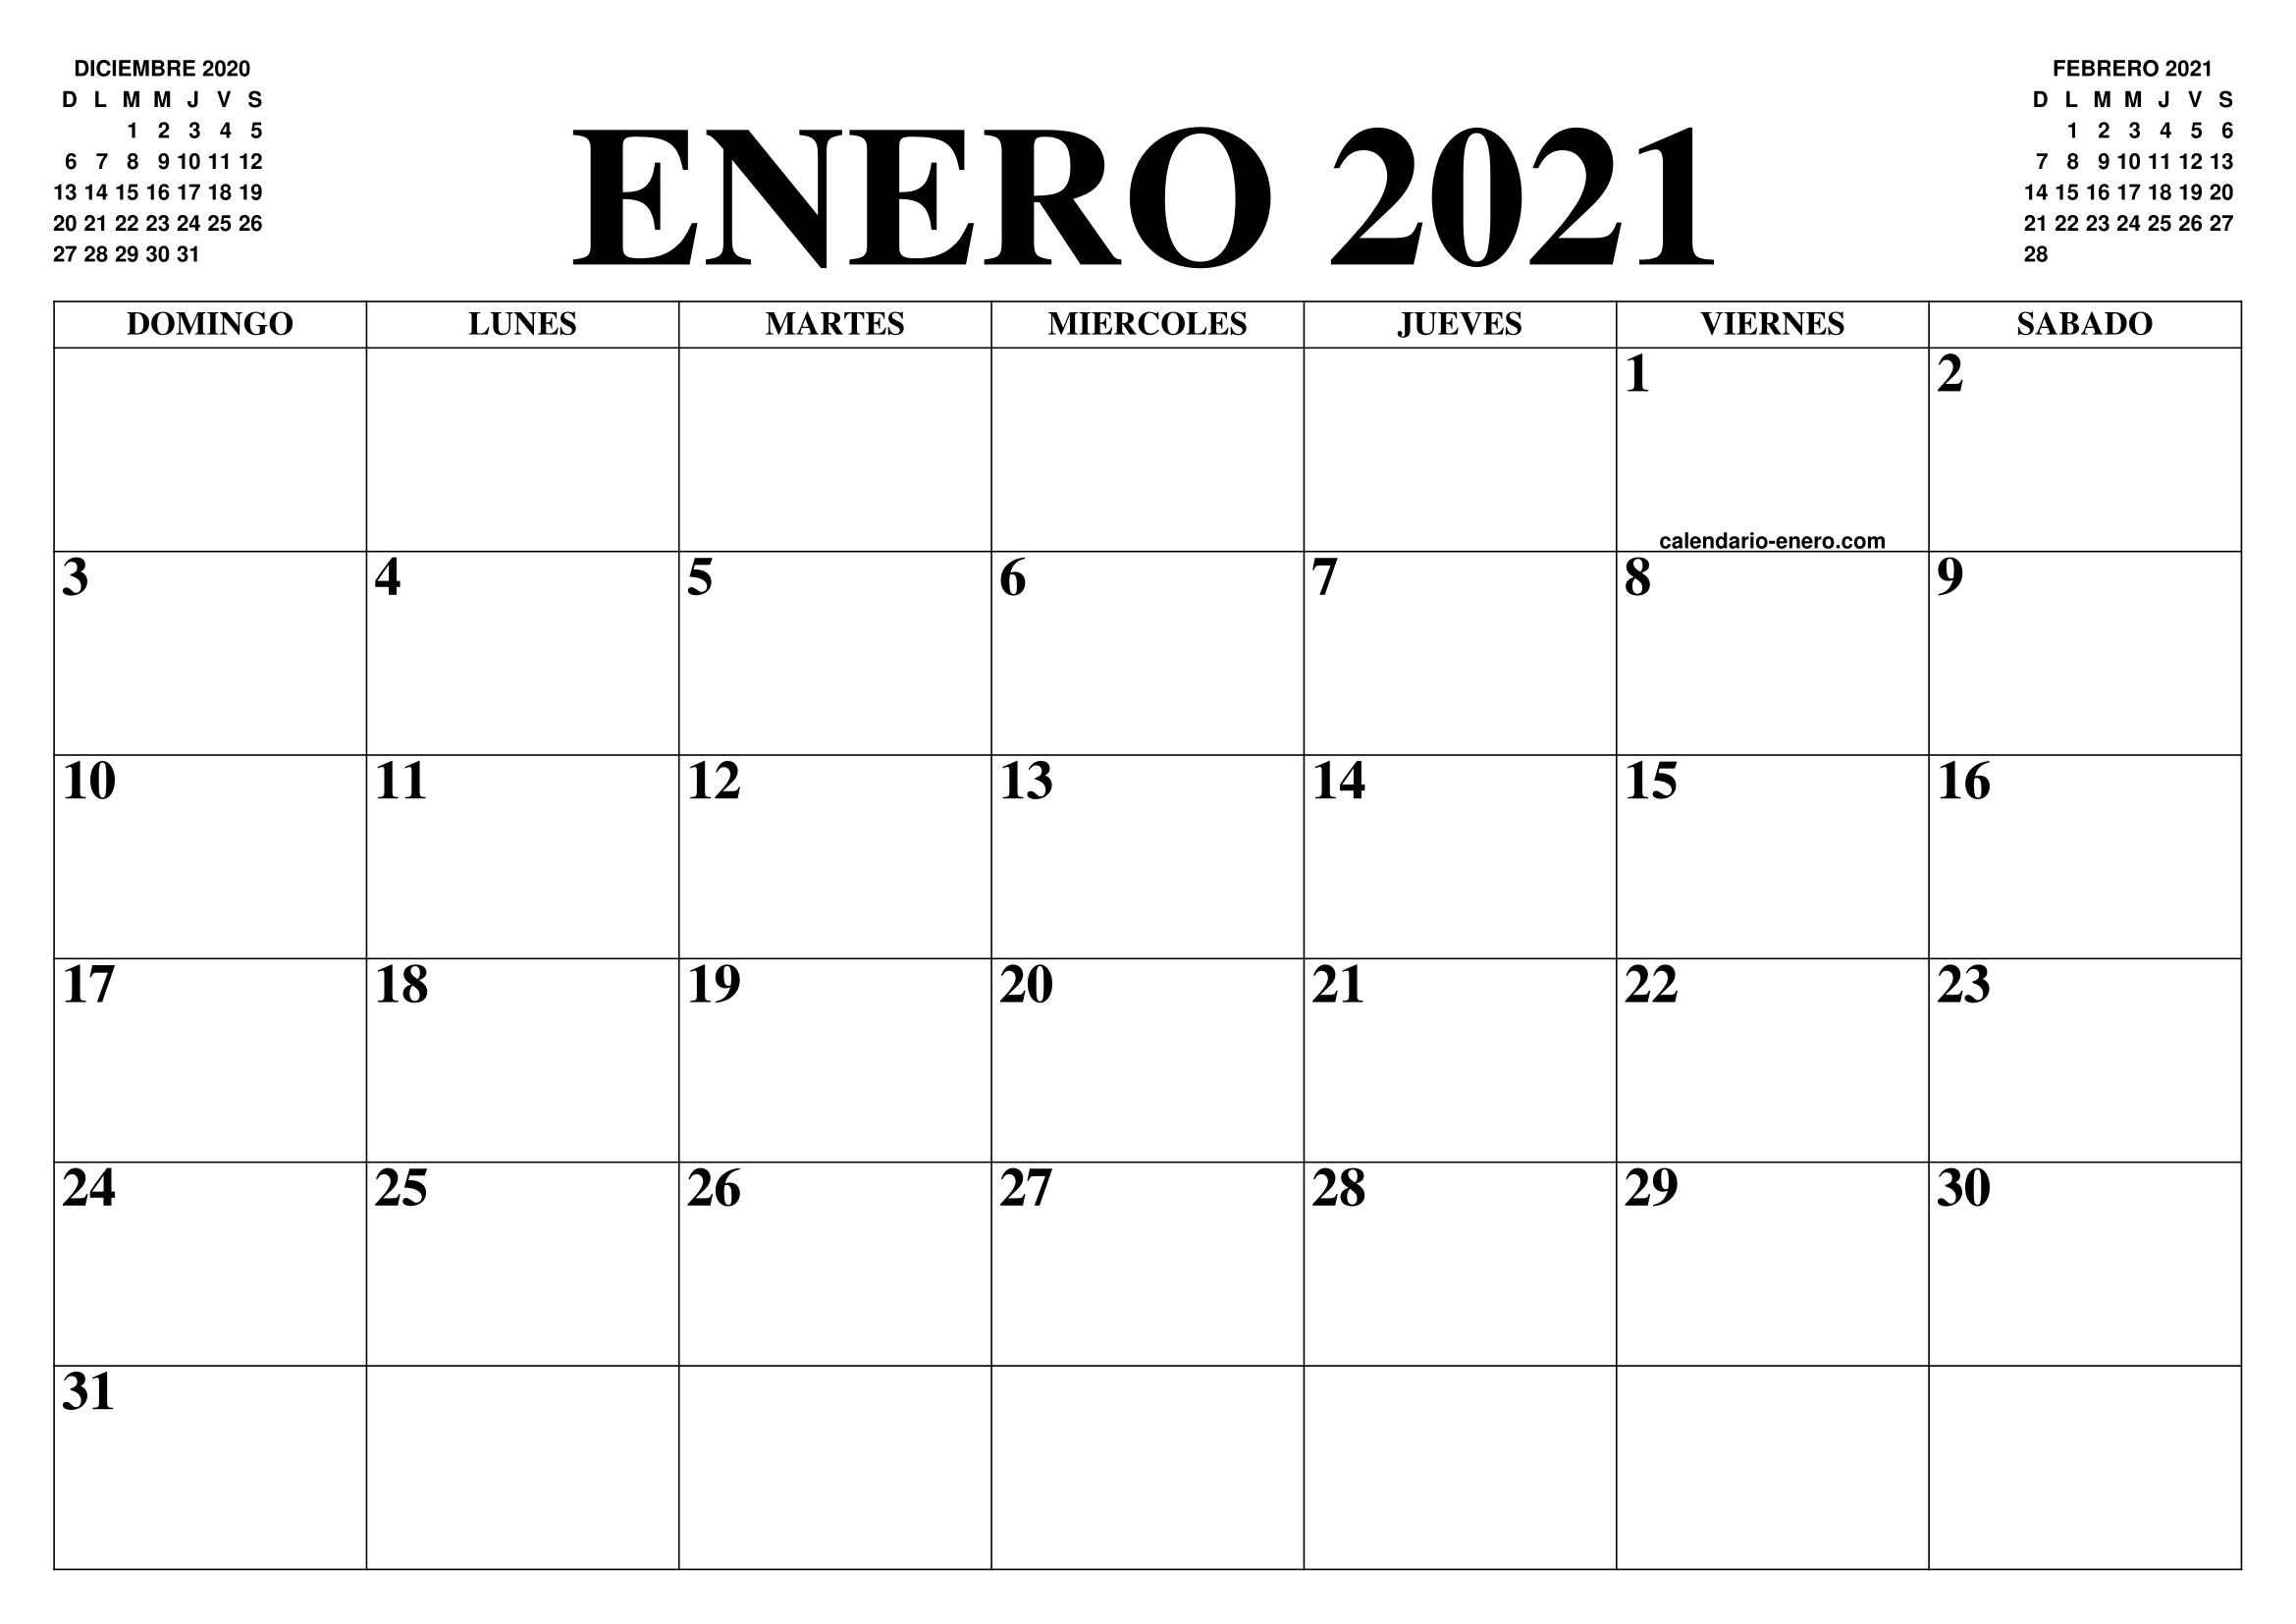 Calendario Diciembre 2020 Para Imprimir.Calendario Enero 2021 El Calendario Enero Para Imprimir Gratis